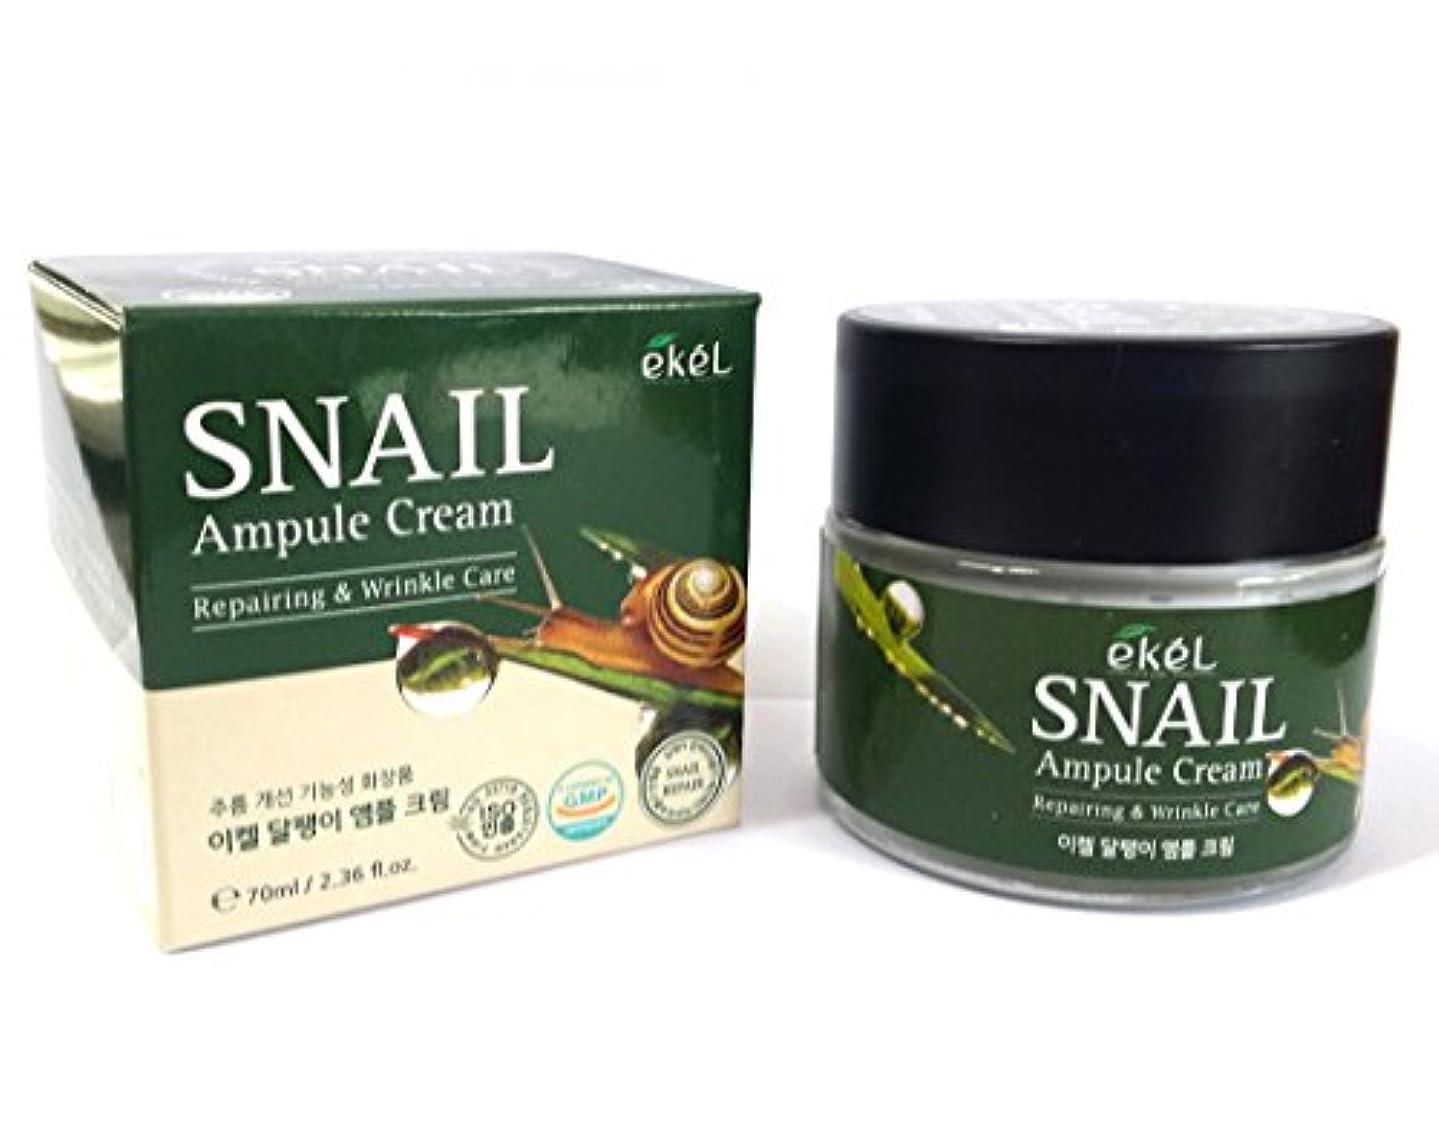 ドラゴン有能な聖職者[EKEL] カタツムリアンプルクリーム70ml / Snail Ampule Cream 70ml / / リペアリング&リンクルケア / ハイドレーティングクリーム / Repairing & Wrinkle Care...